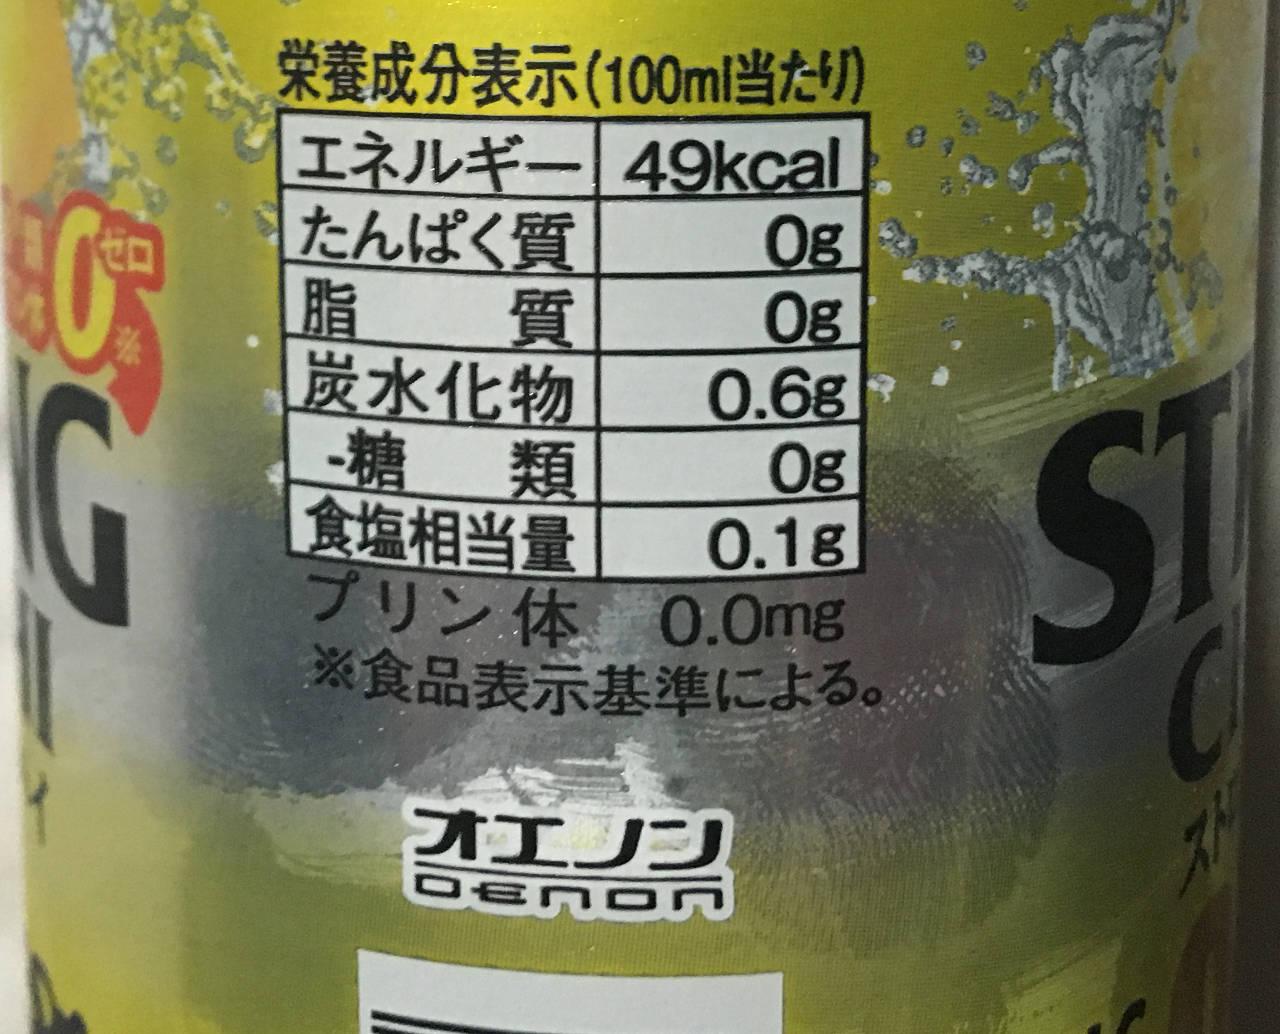 栄養成分表示 ストロングチューハイ レモン350ml(まいばすけっとで購入)